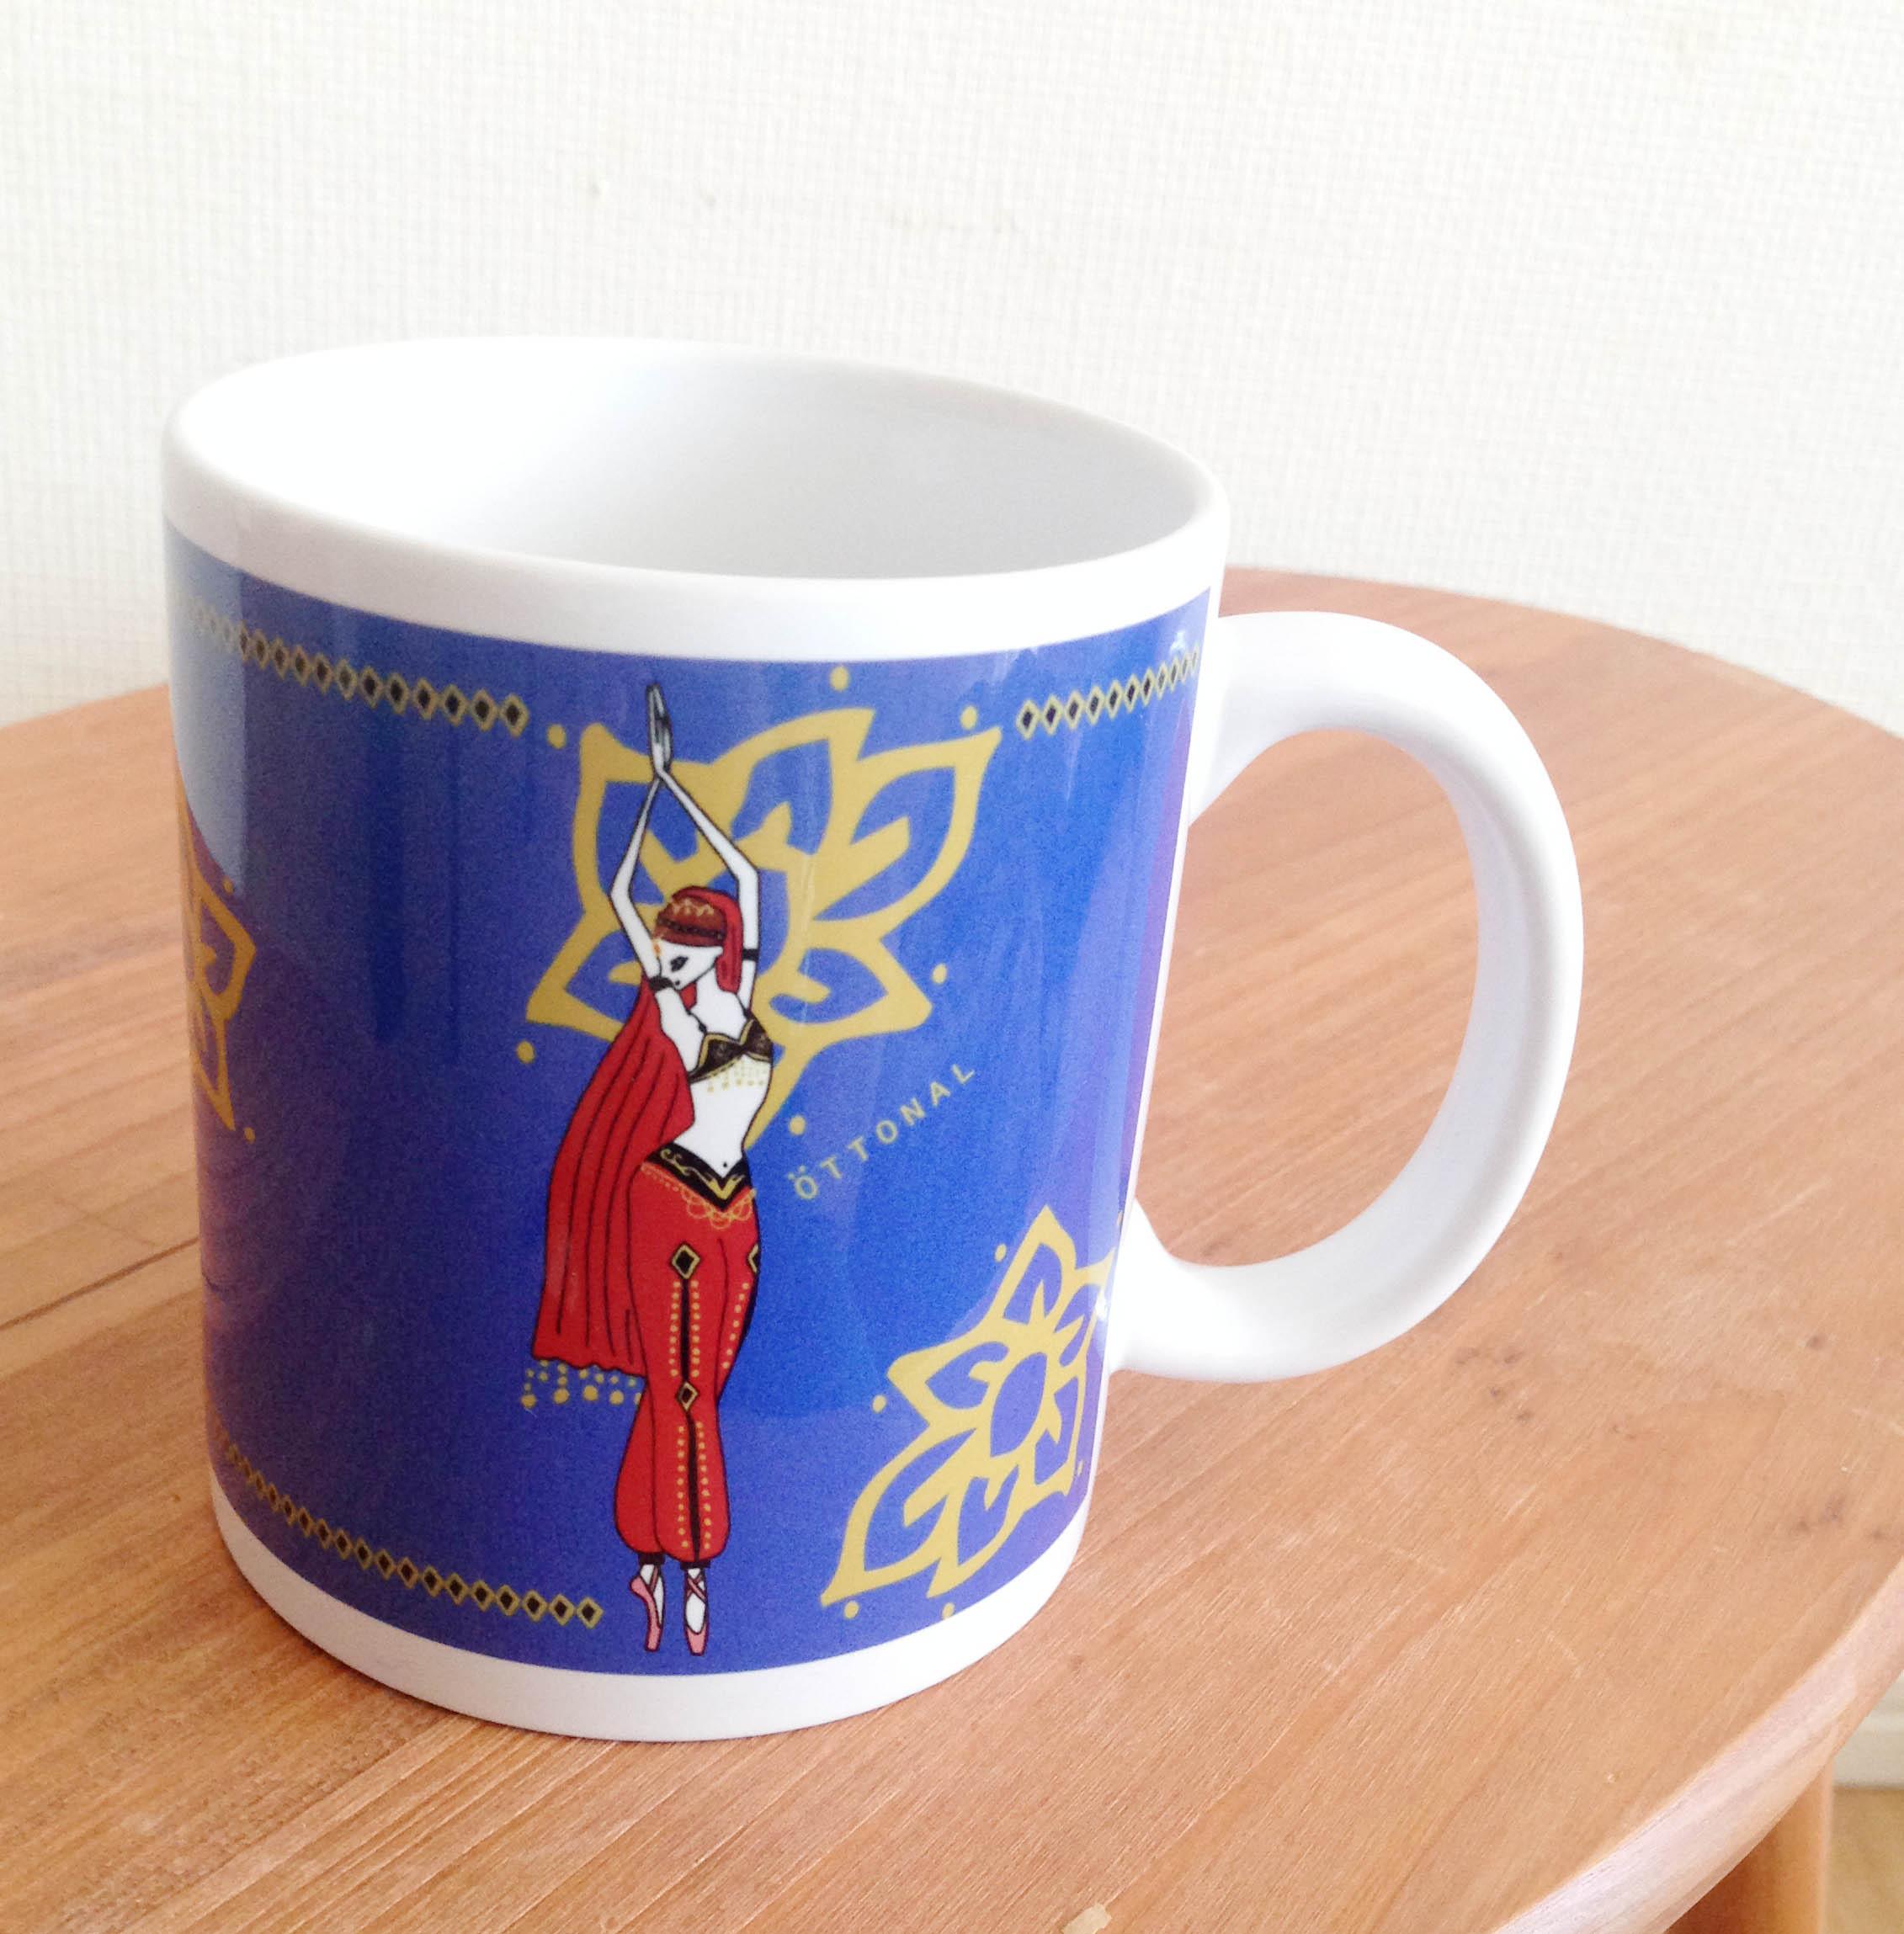 ニキヤ マグカップ - 画像1